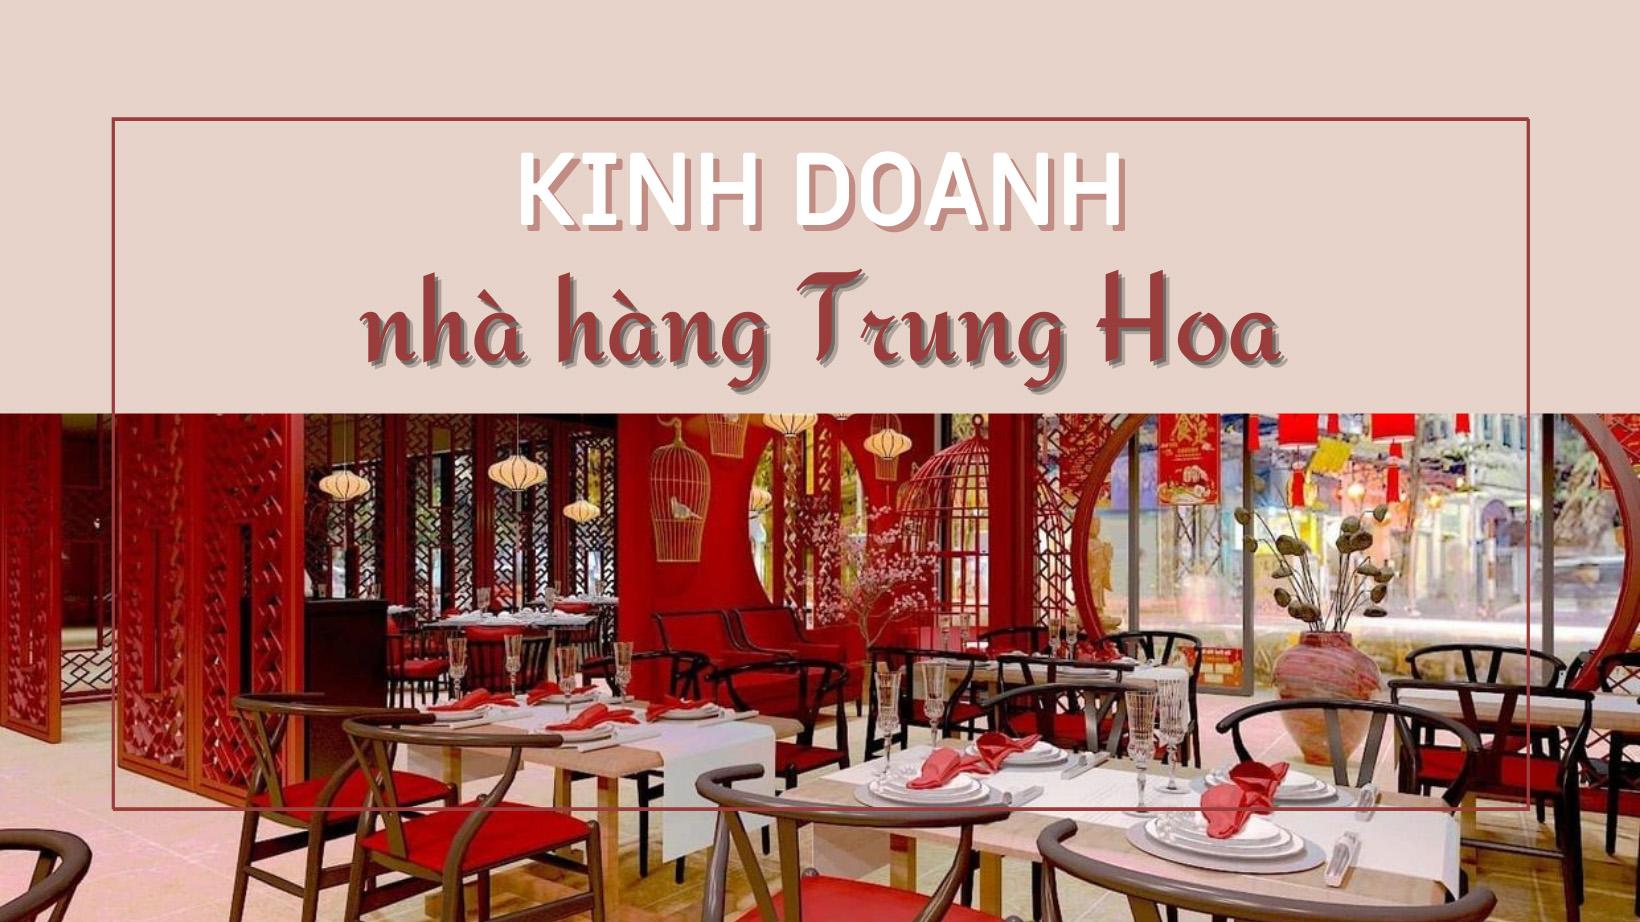 5 chìa khóa để kinh doanh nhà hàng Trung Hoa thành công